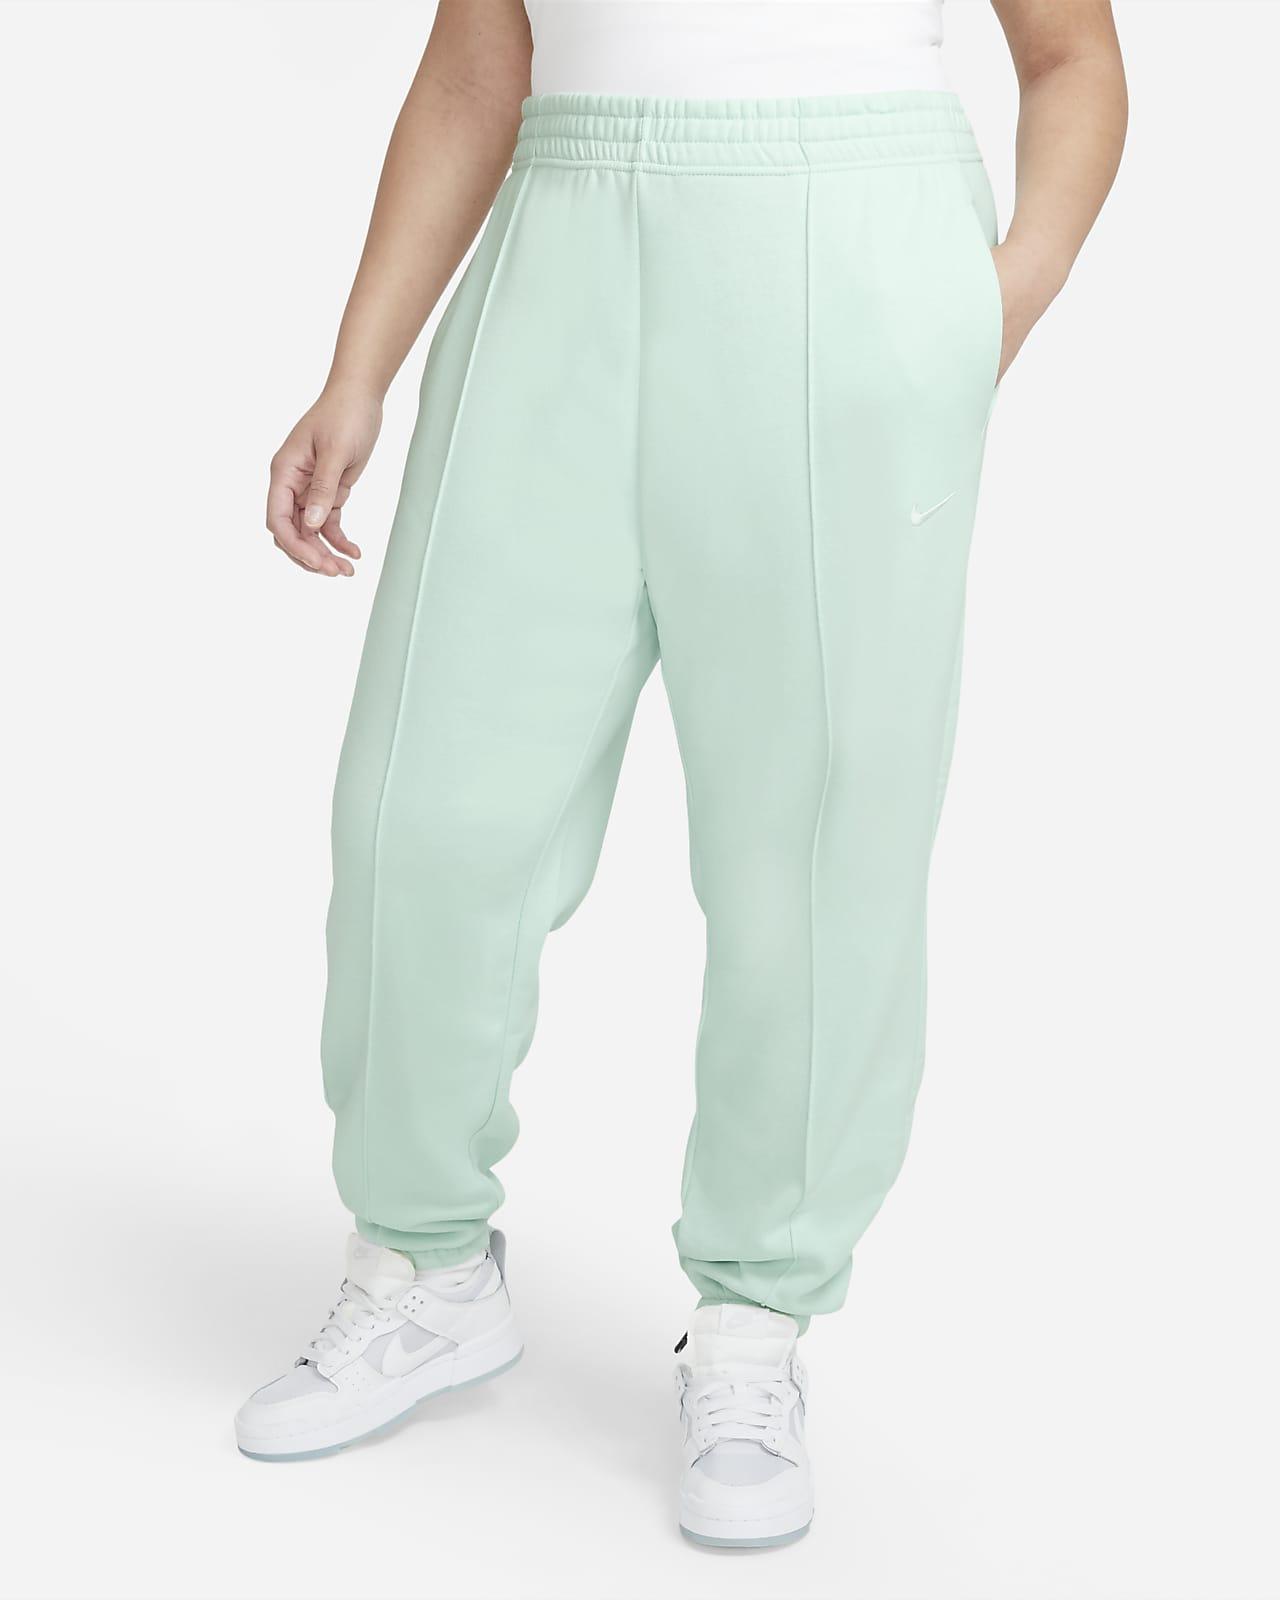 Pantaloni in fleece Nike Sportswear Trend (Plus size) - Donna